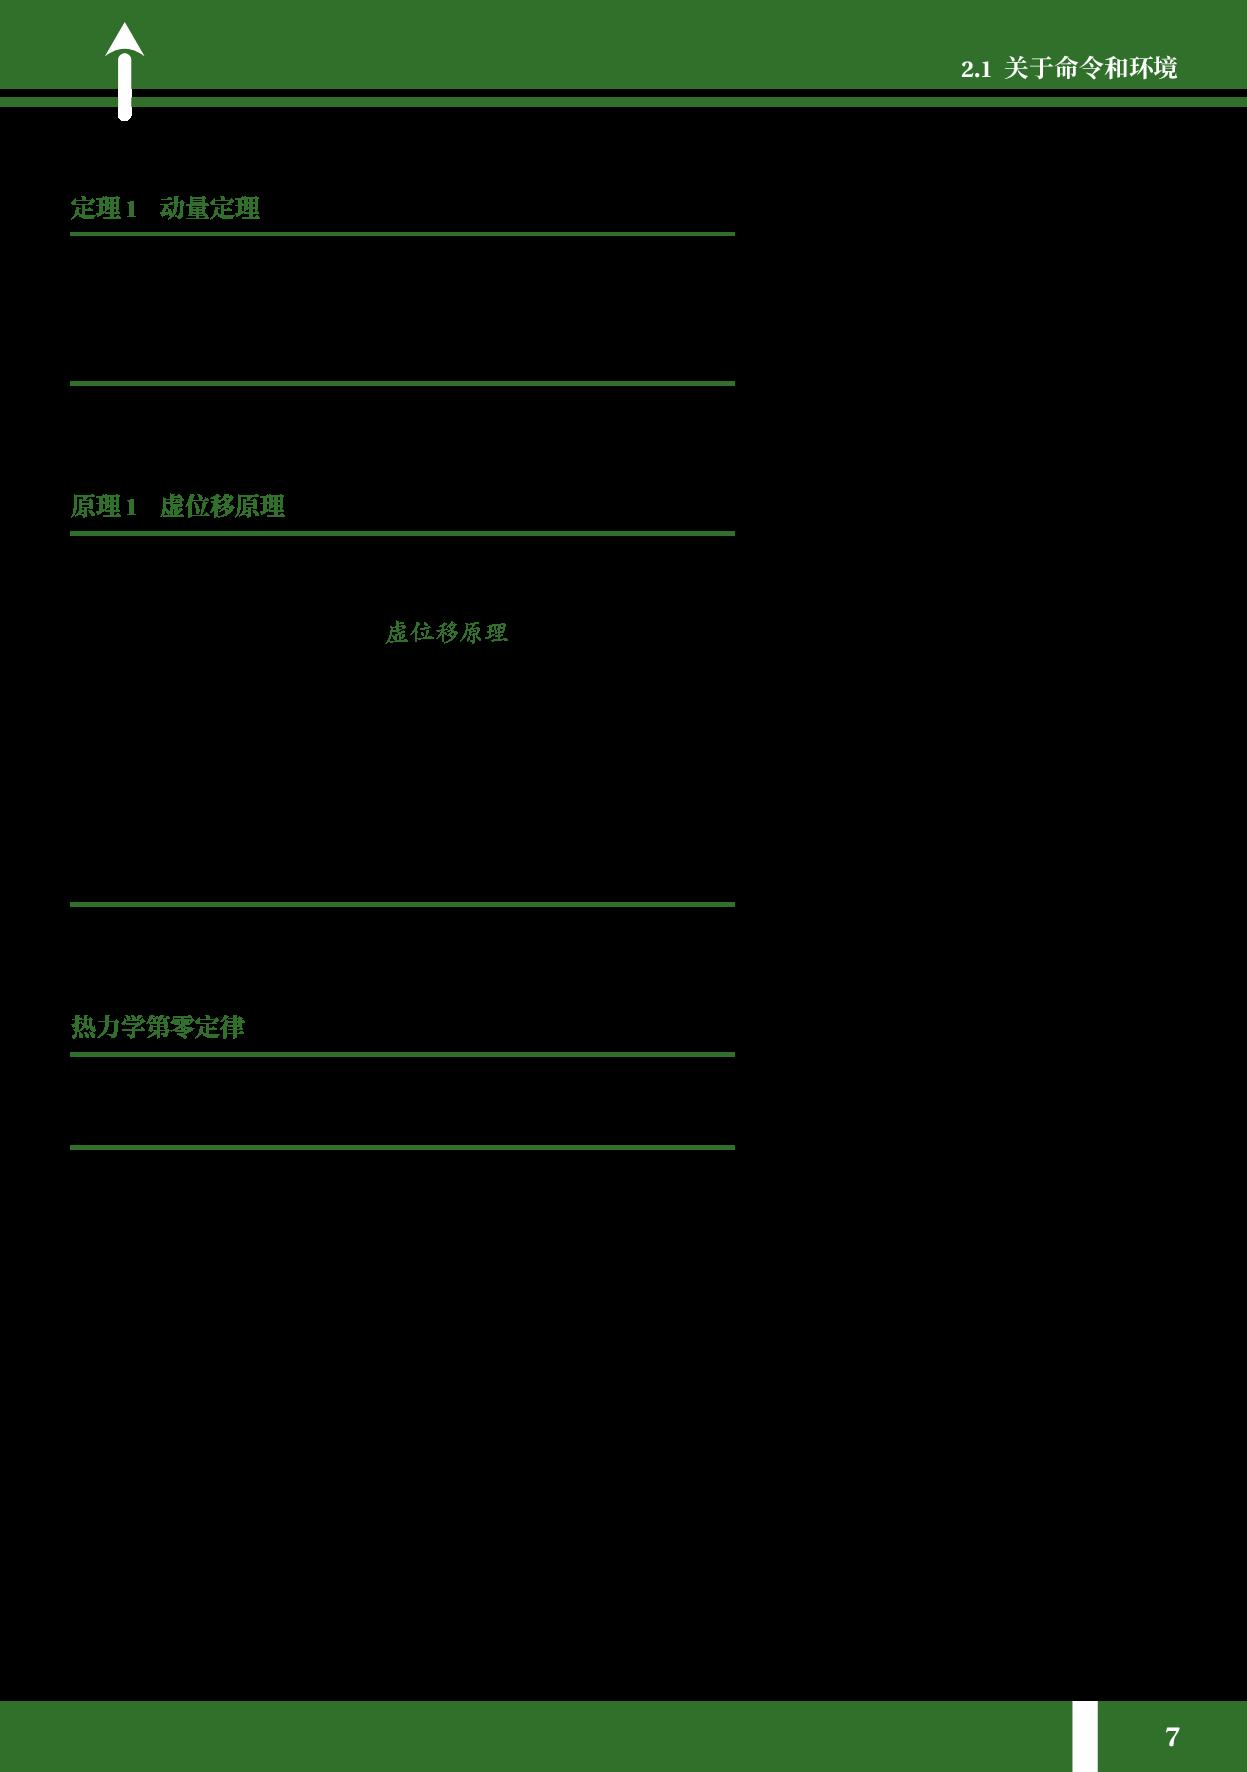 绿色舒心、简单易用的物理数学笔记模板